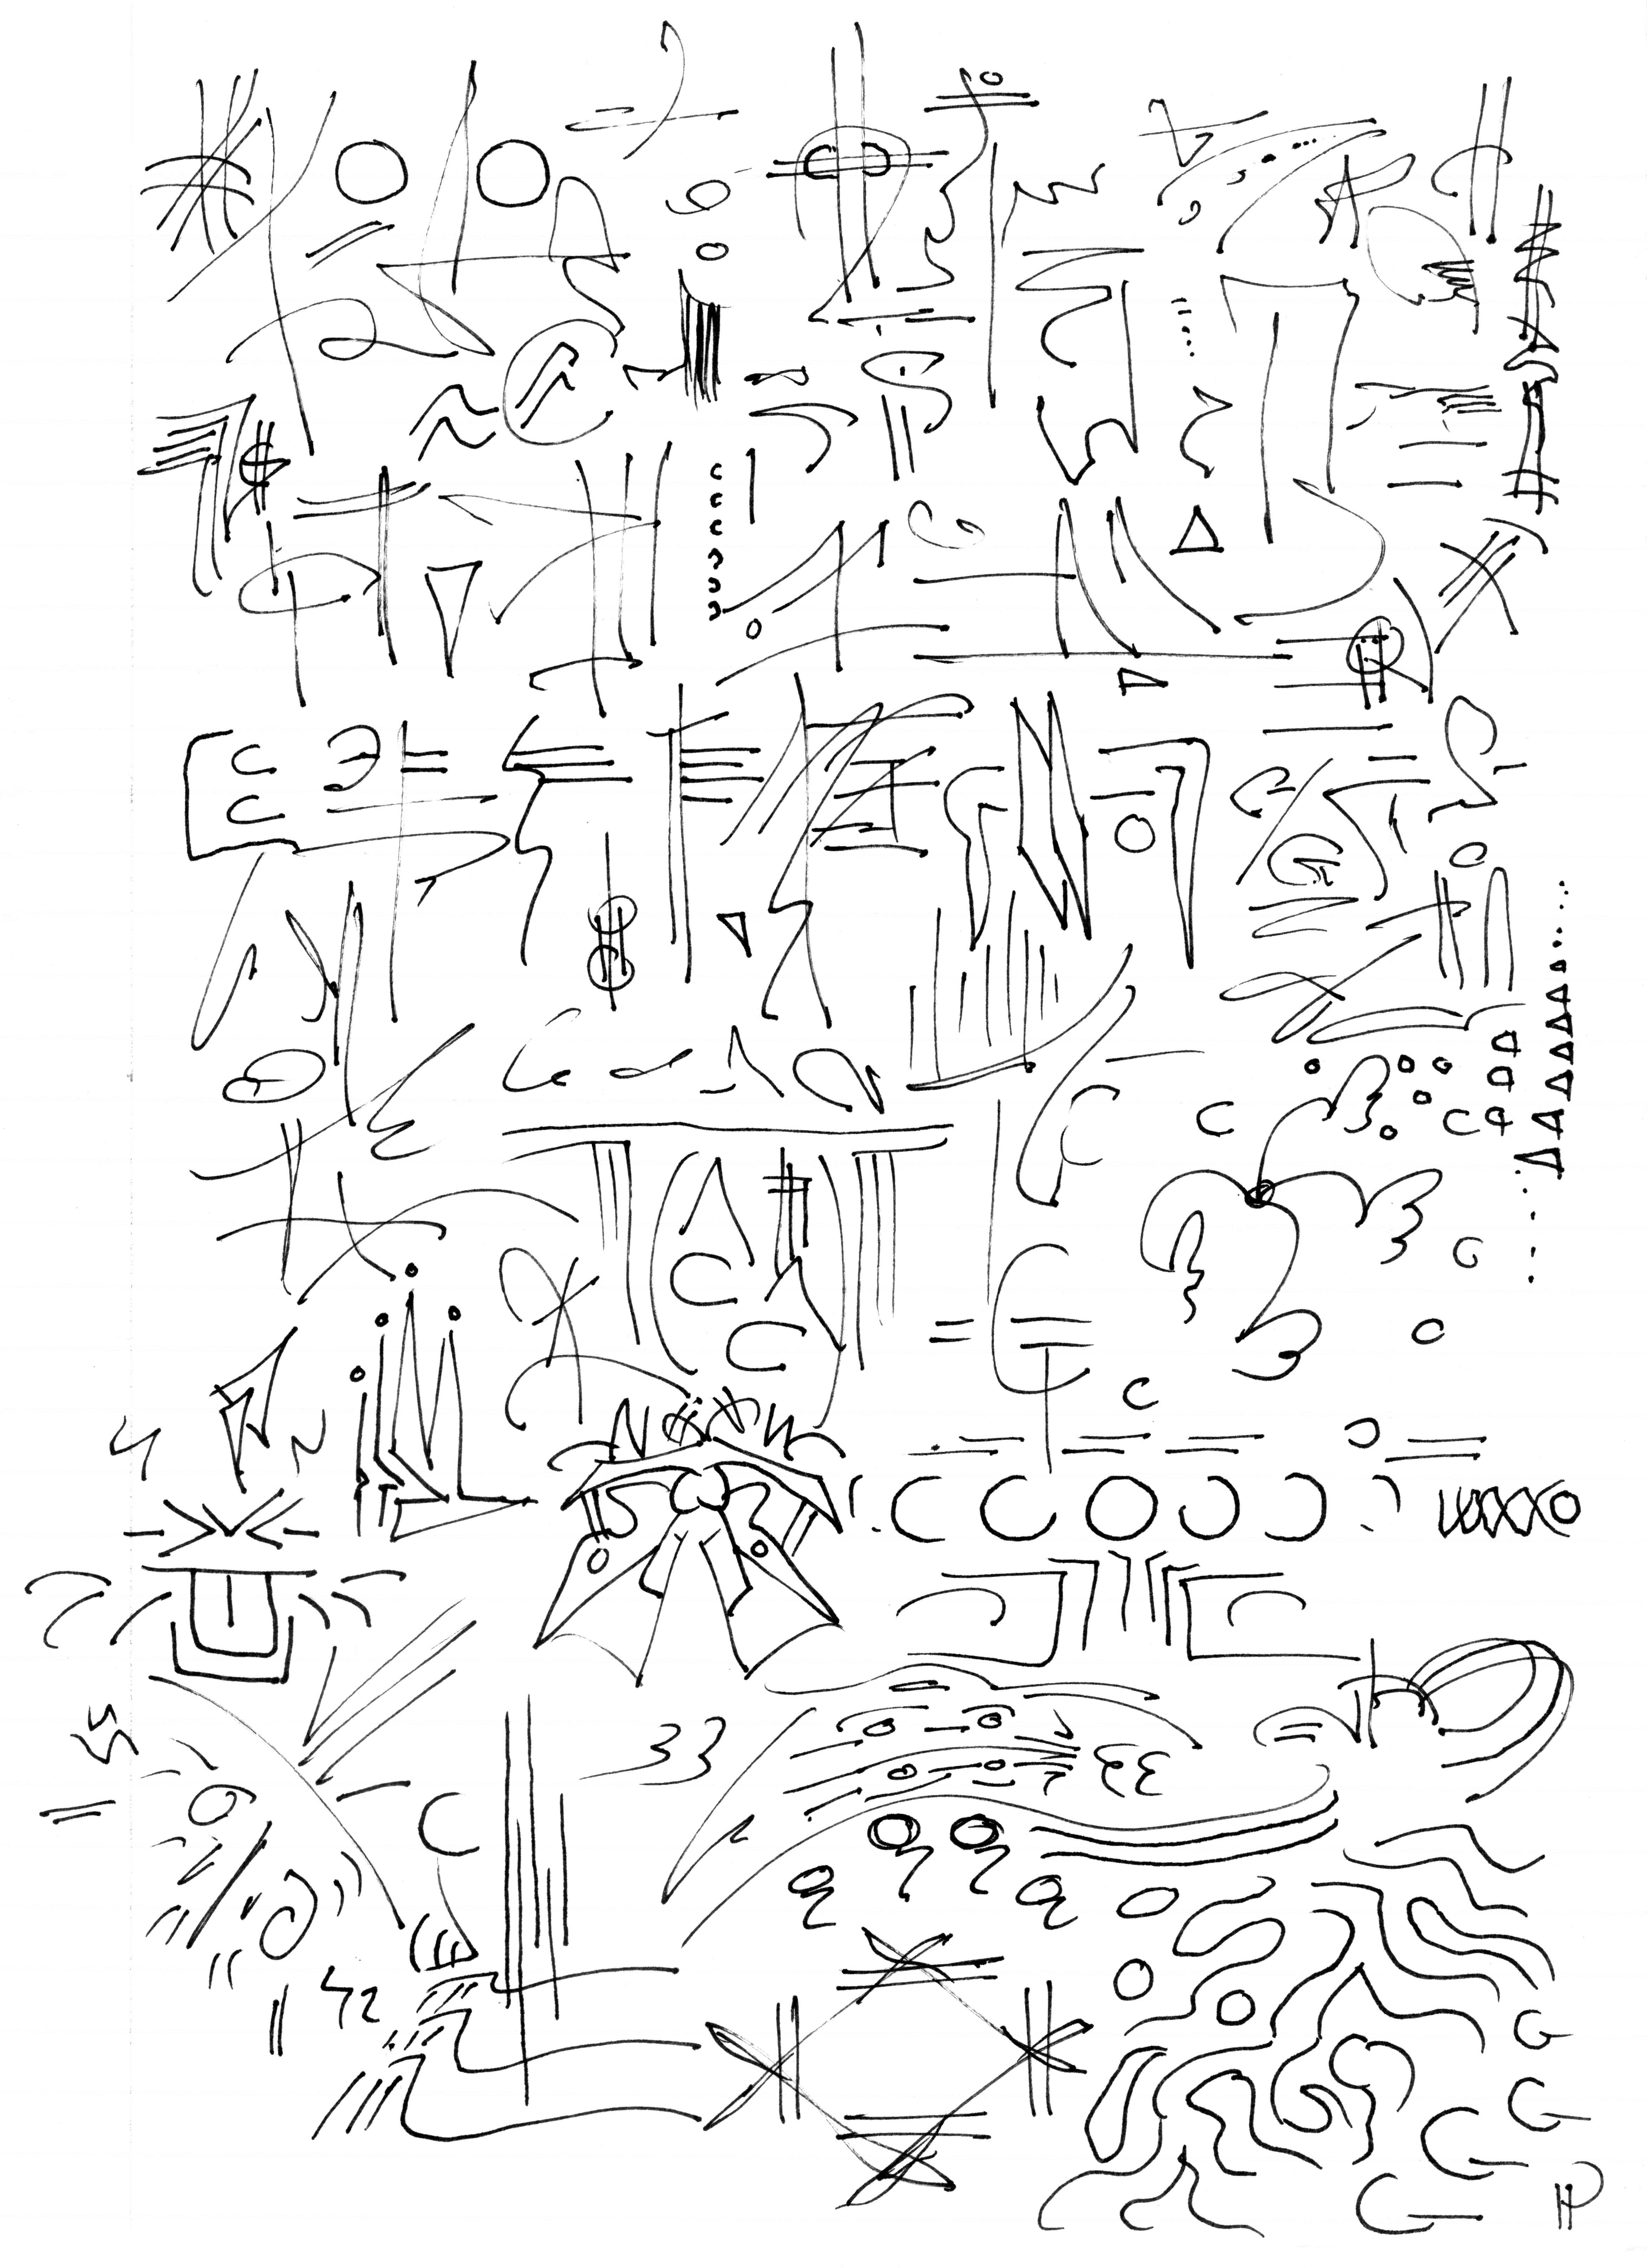 mental circuit board